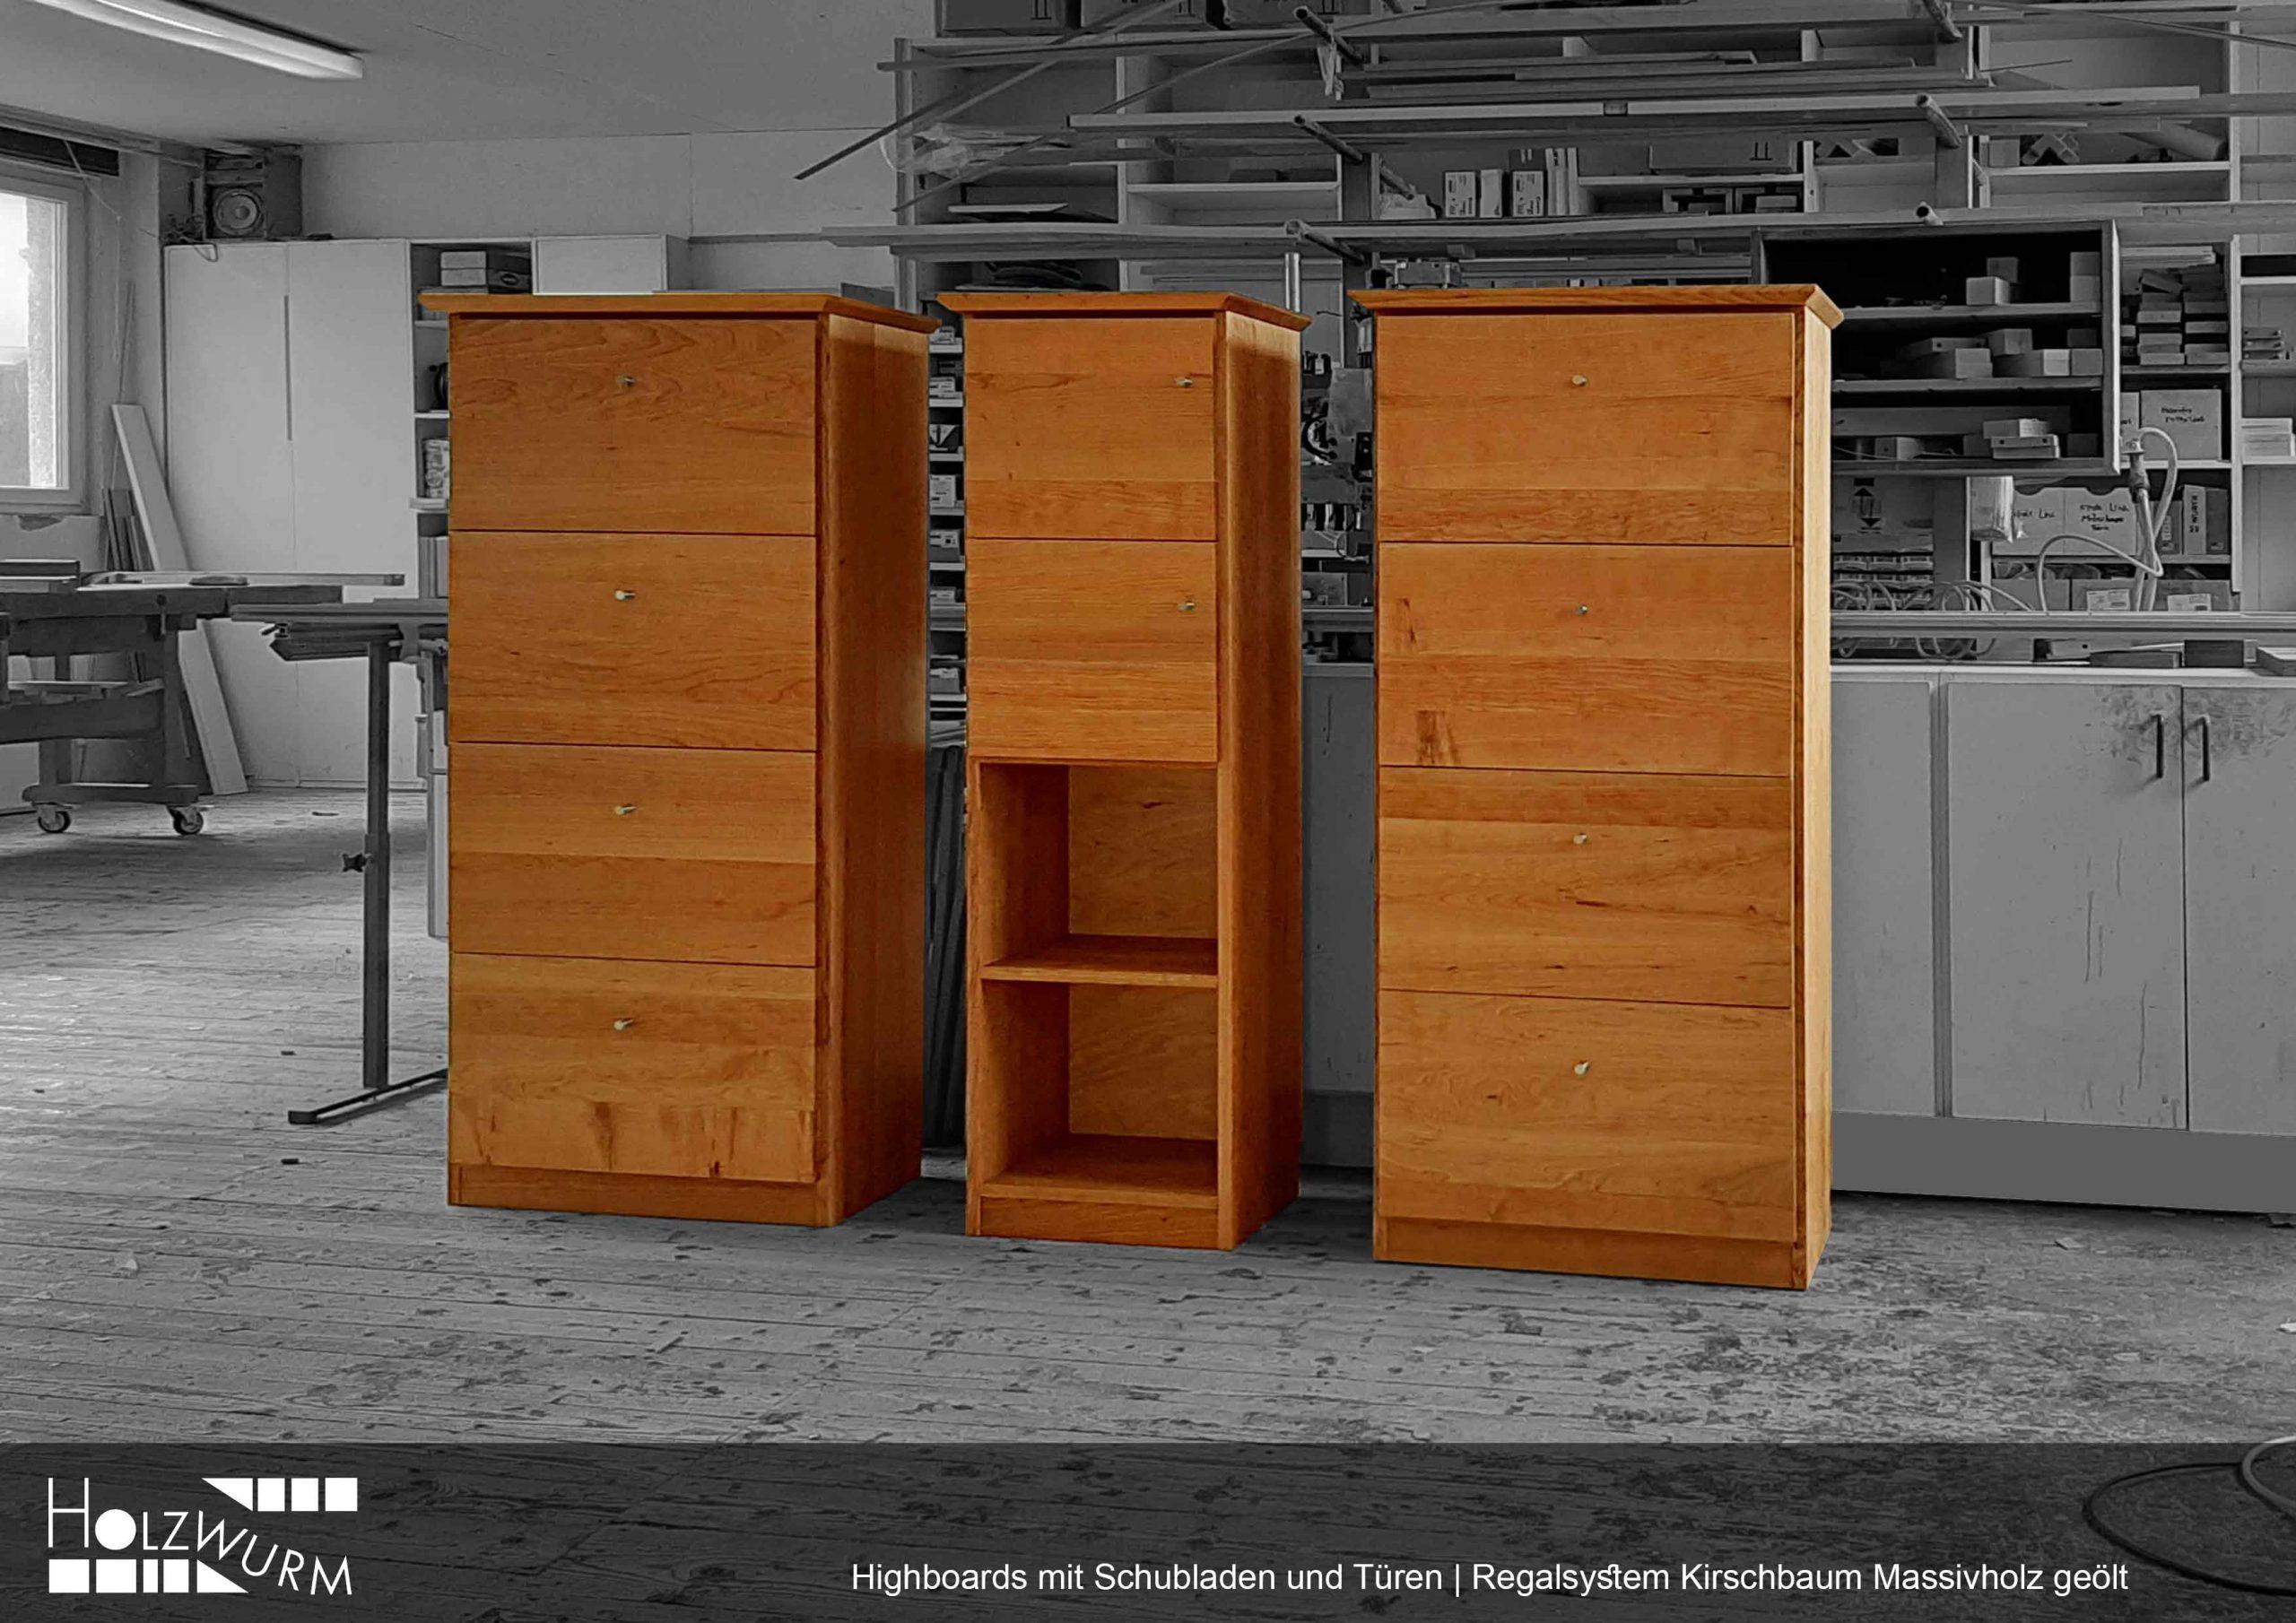 Drei Highboards mit Schubladen und Türen in Kirschbaum Massivholz